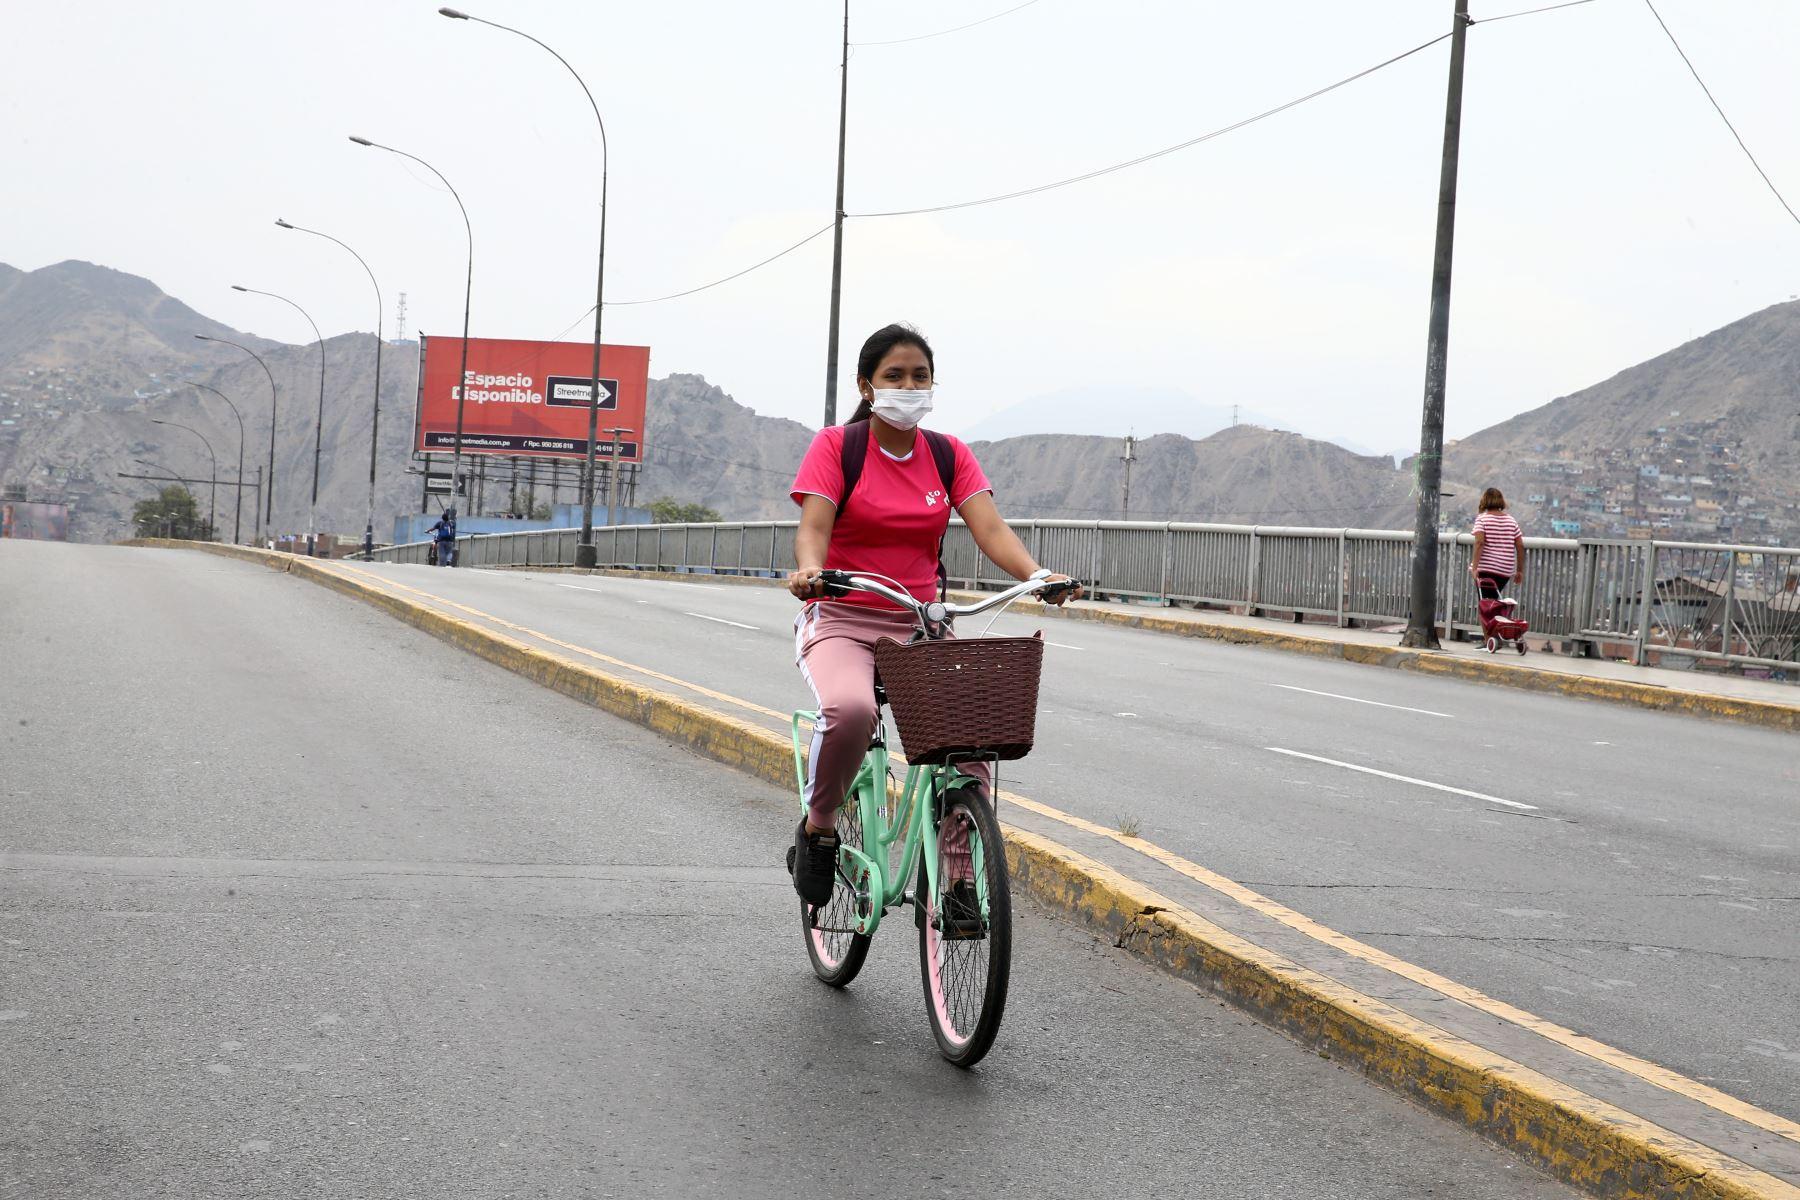 Joven  en bicicleta, recorre la Av. Tacna.  Foto: ANDINA/Vidal Tarqui